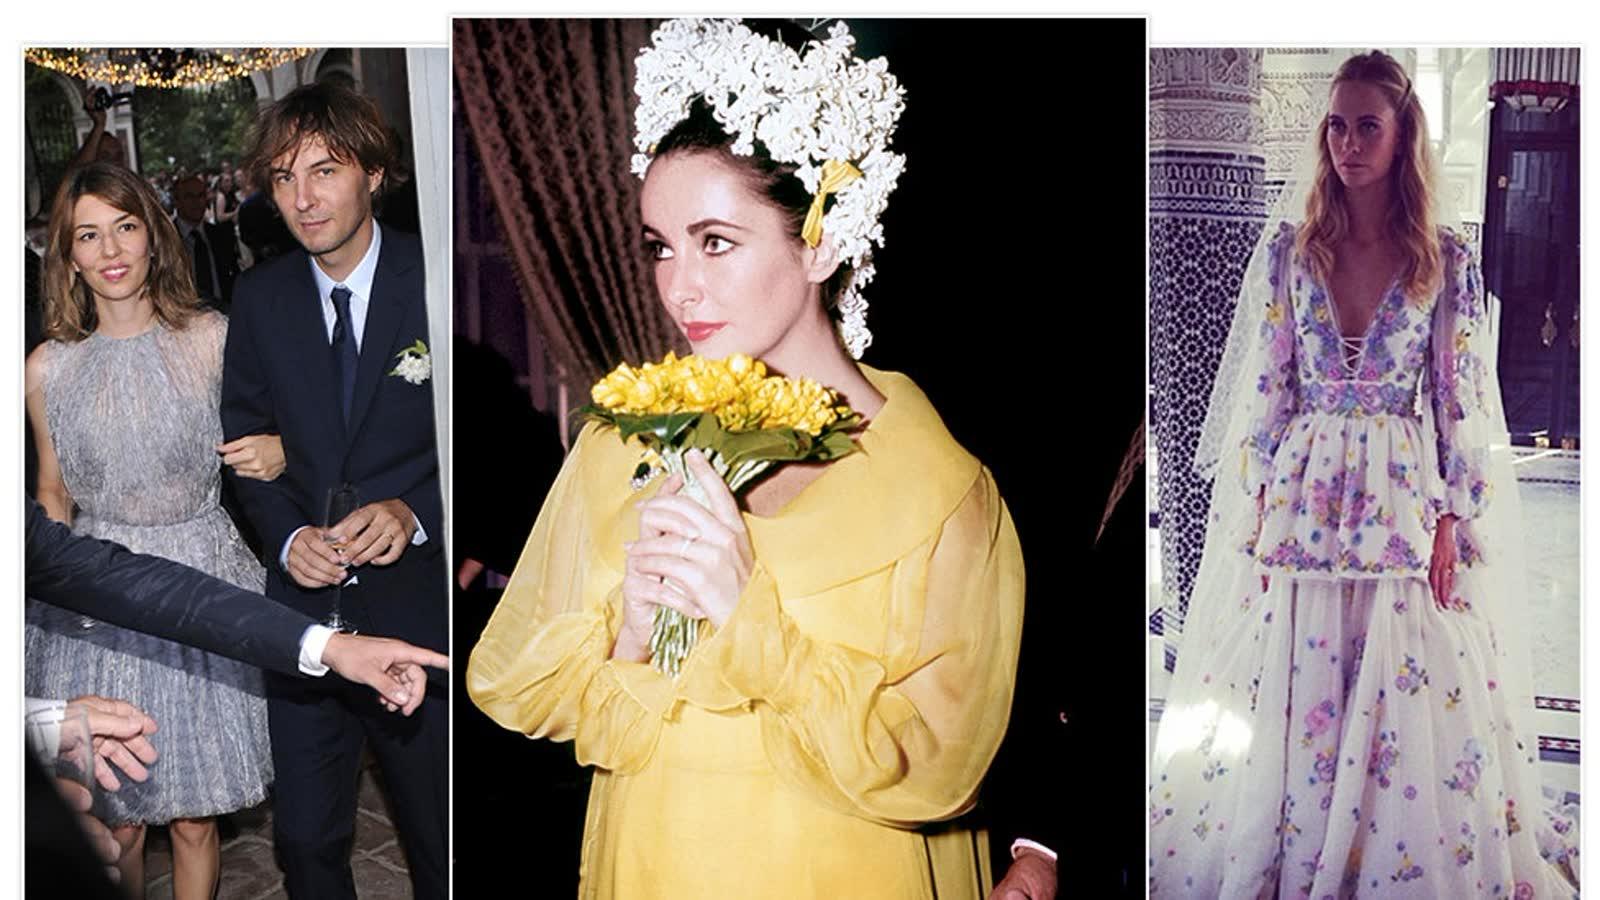 Farbige Brautkleider: 10 Stars, die in bunt geheiratet haben - von Emily Ratajkowski bis Elizabeth Taylor